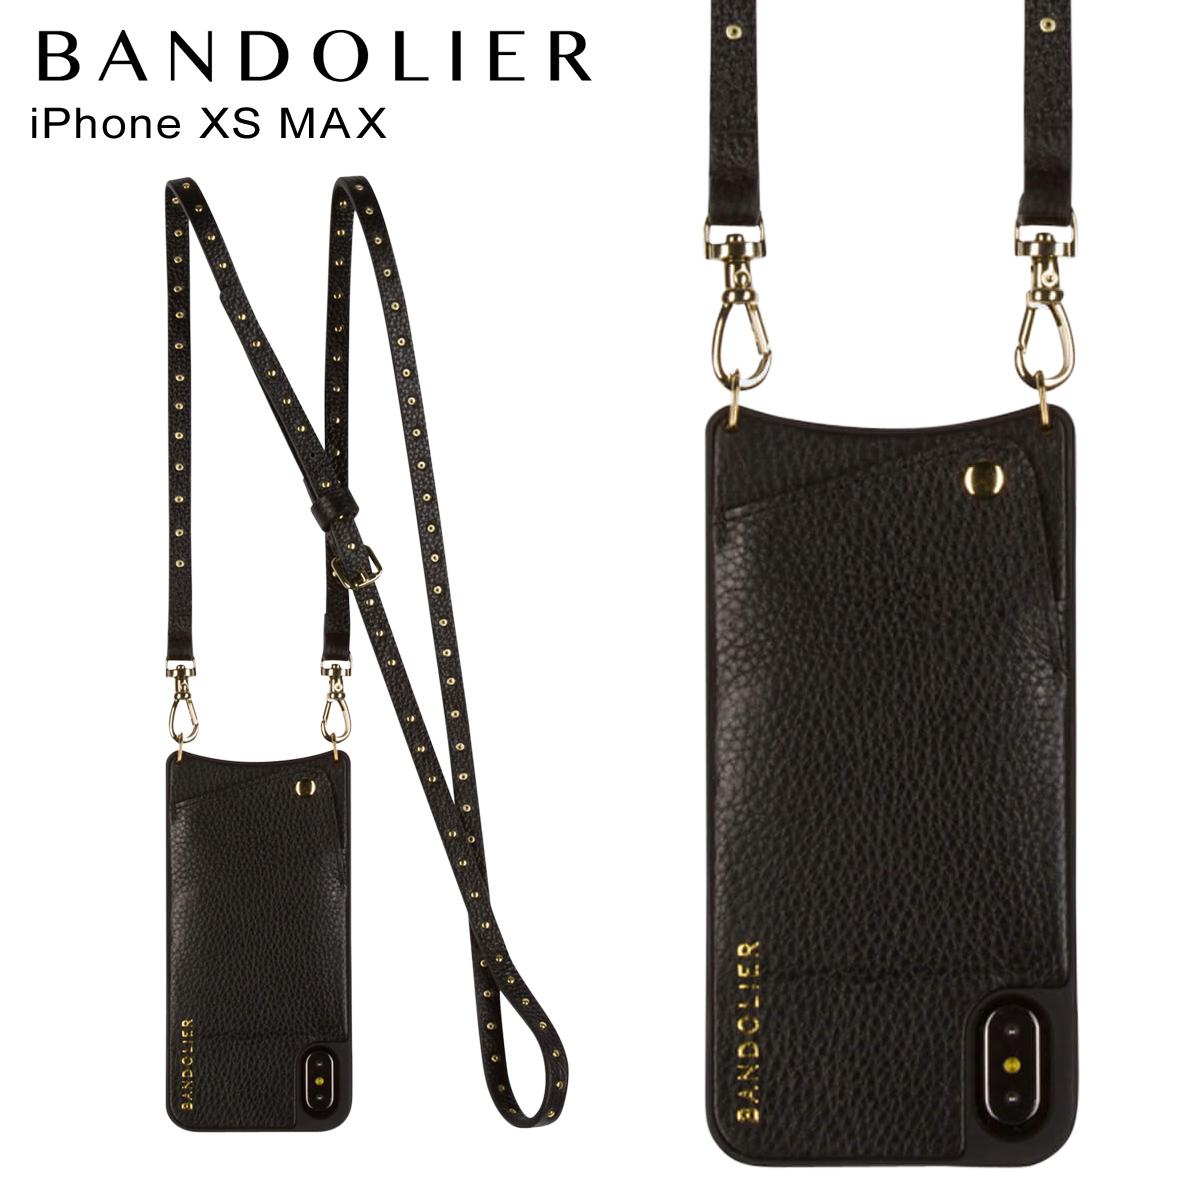 BANDOLIER バンドリヤー iPhone XS MAX ケース ショルダー スマホ アイフォン レザー NICOLE GOLD メンズ レディース ブラック 10NIC1001